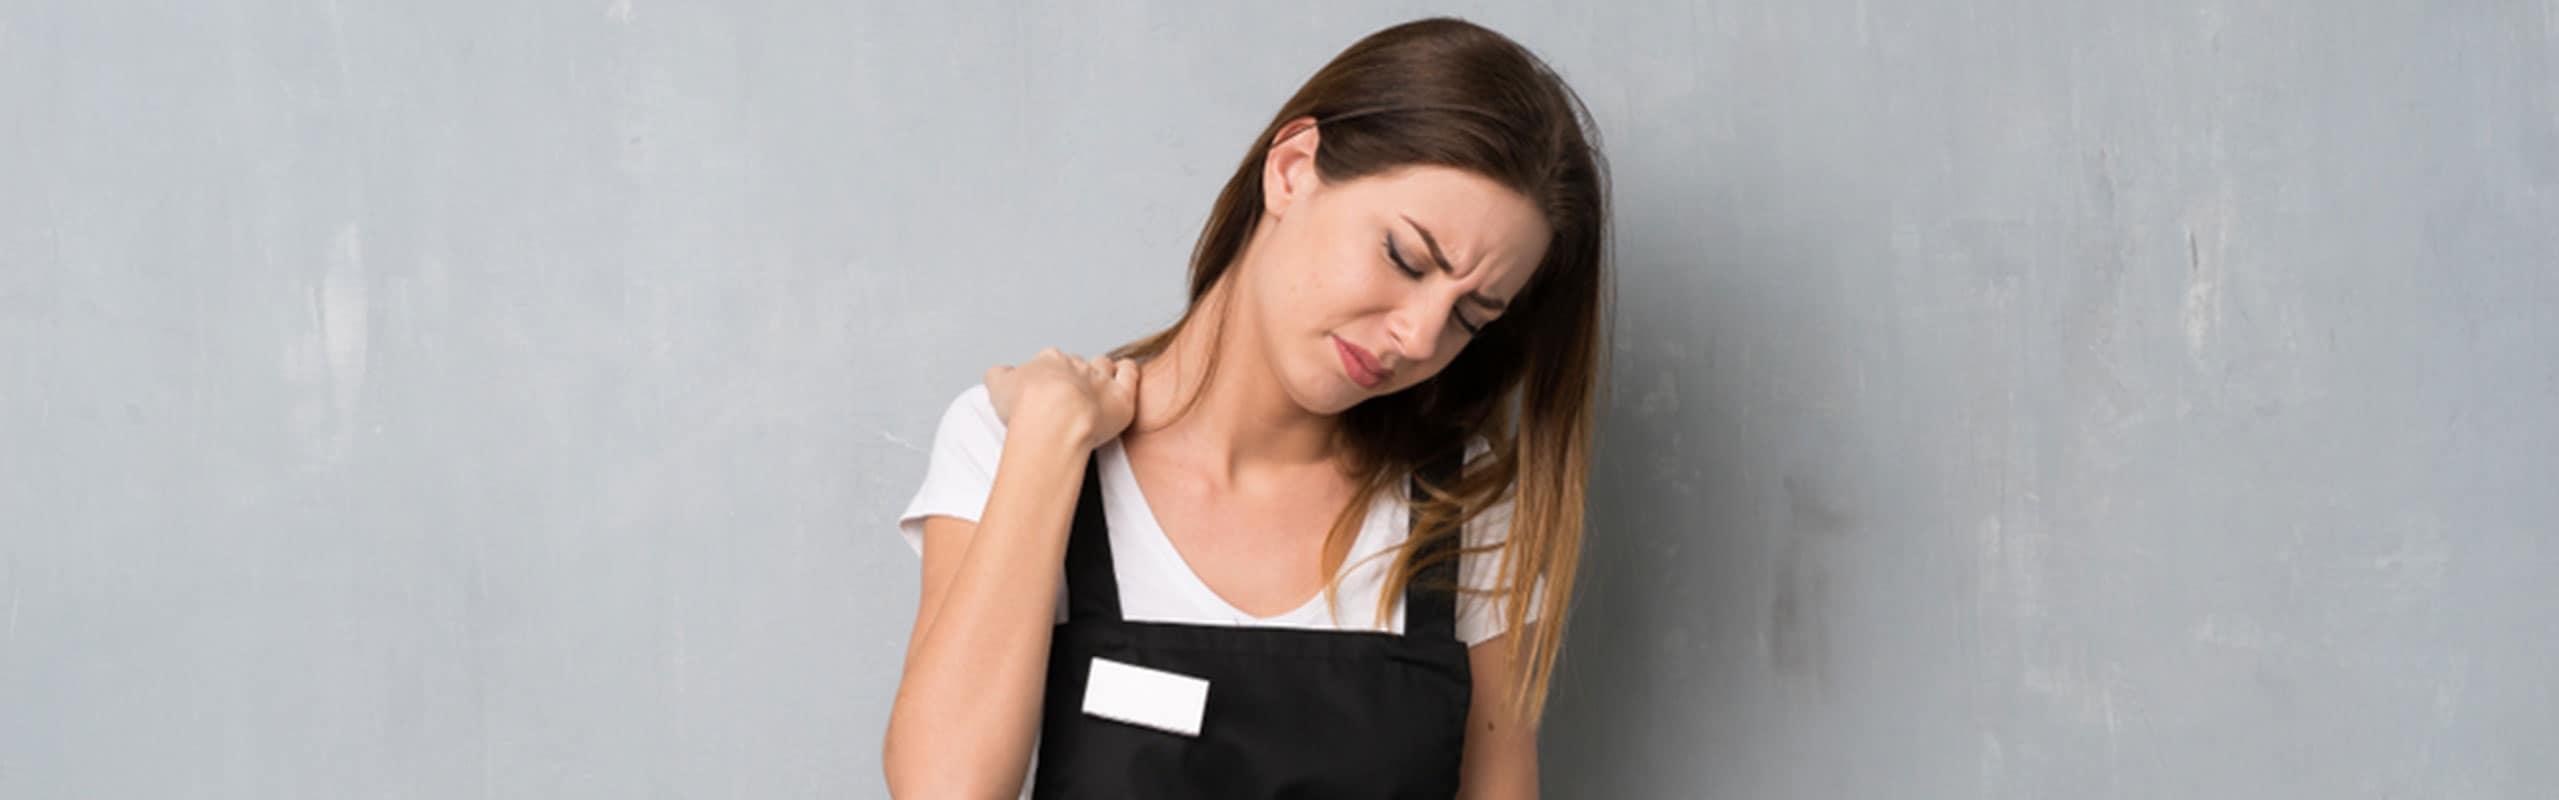 Descubre la importancia de la ergonomía en el trabajo